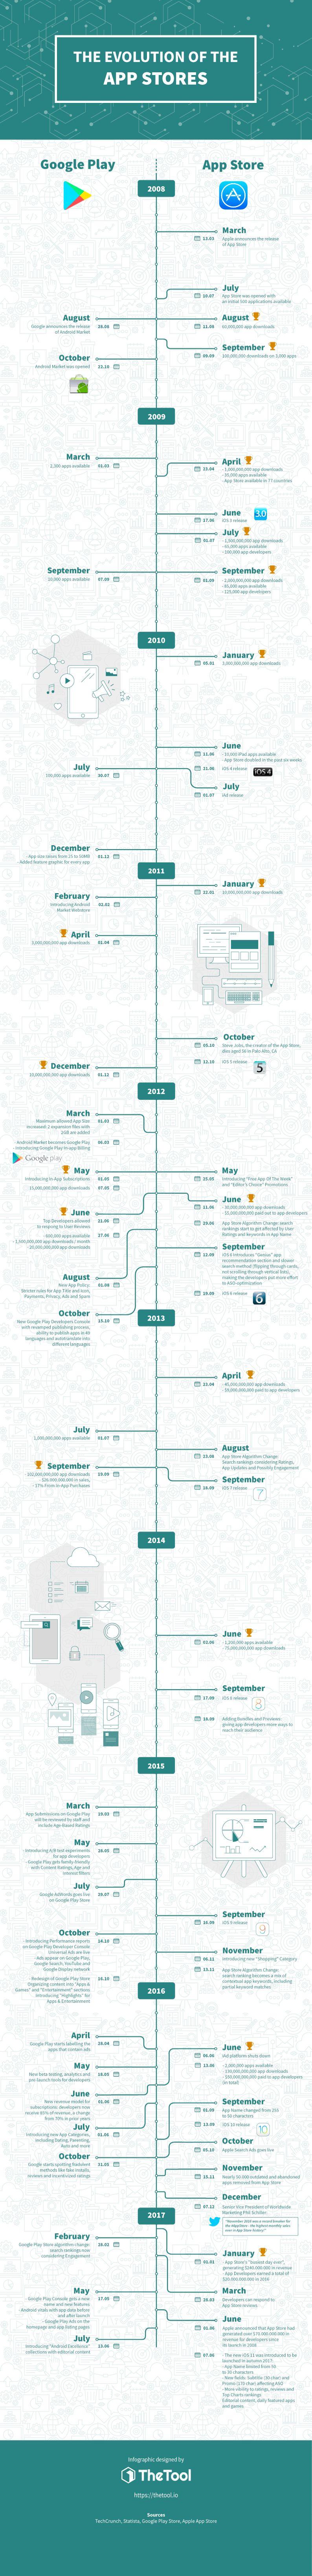 evolution-app-stores-infographic-thetool-compressor